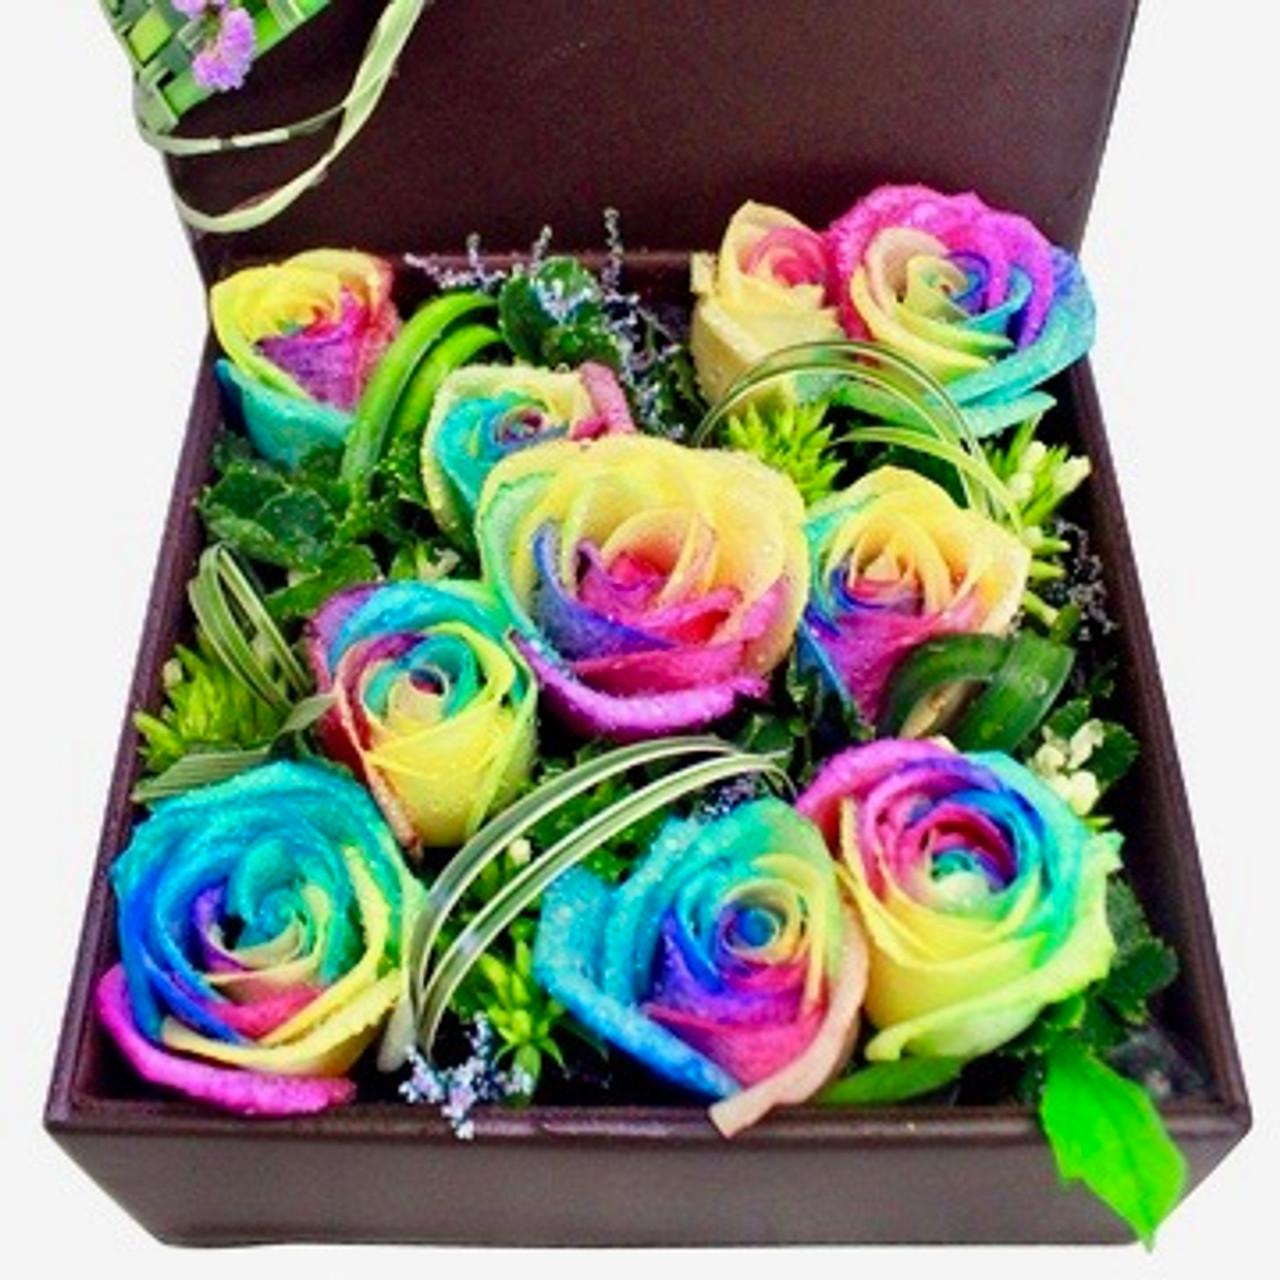 10 Rainbow Ecuadorian Roses Box